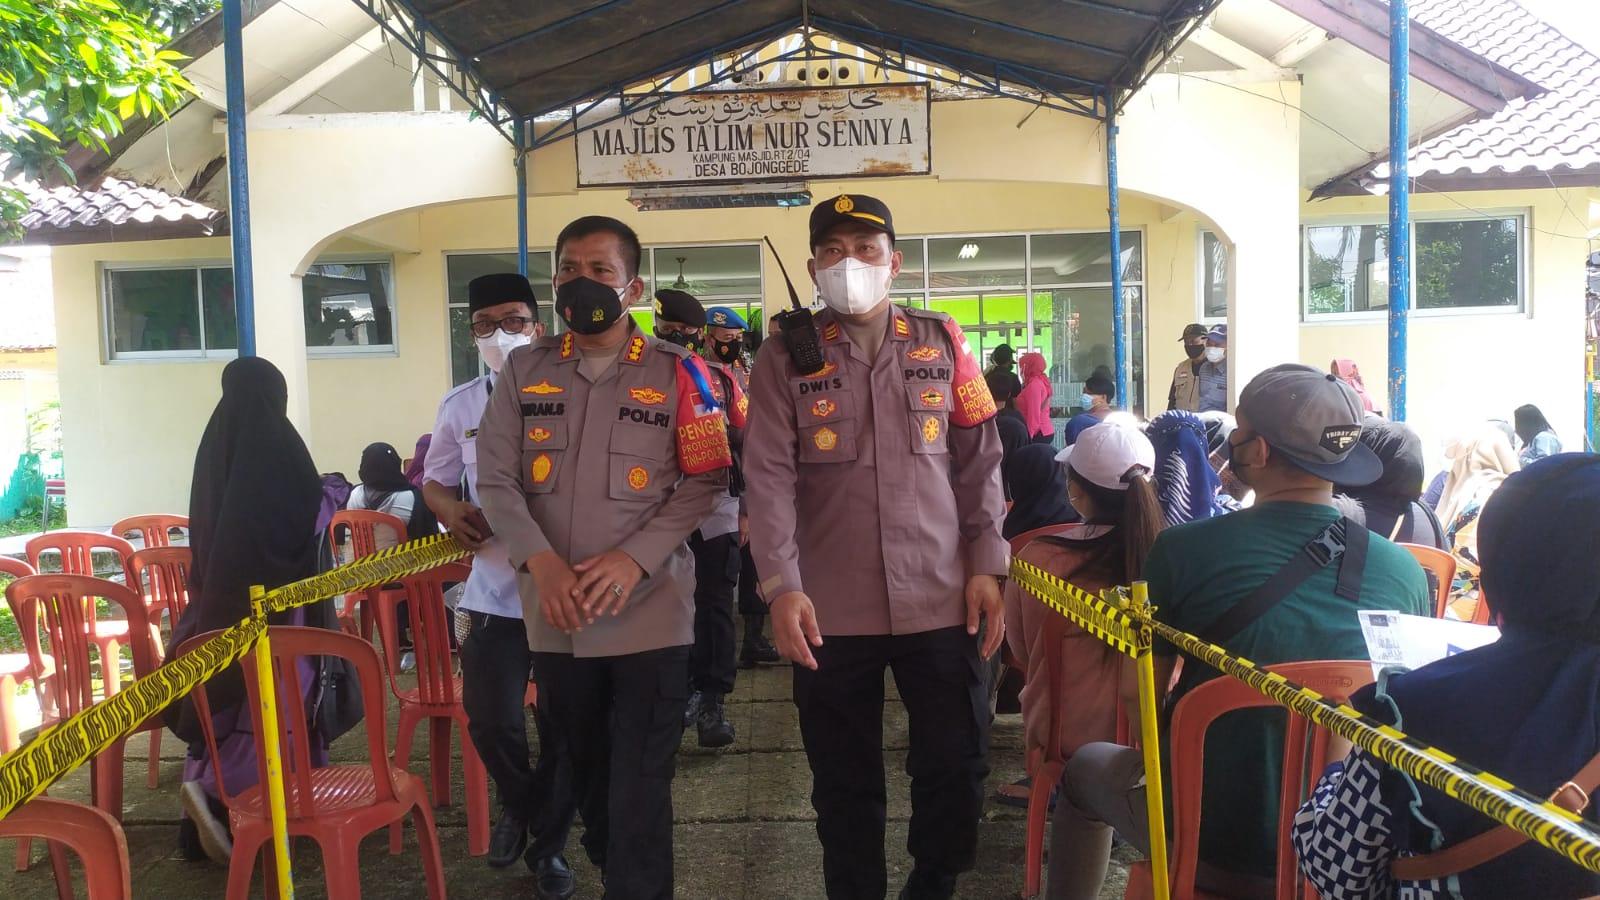 Kapolsek Bojong Gede Dampingi Kapolres Metro Depok, Pastikan Kegiatan Vaksinasi Merdeka di Bojong Gede Kab. Bogor